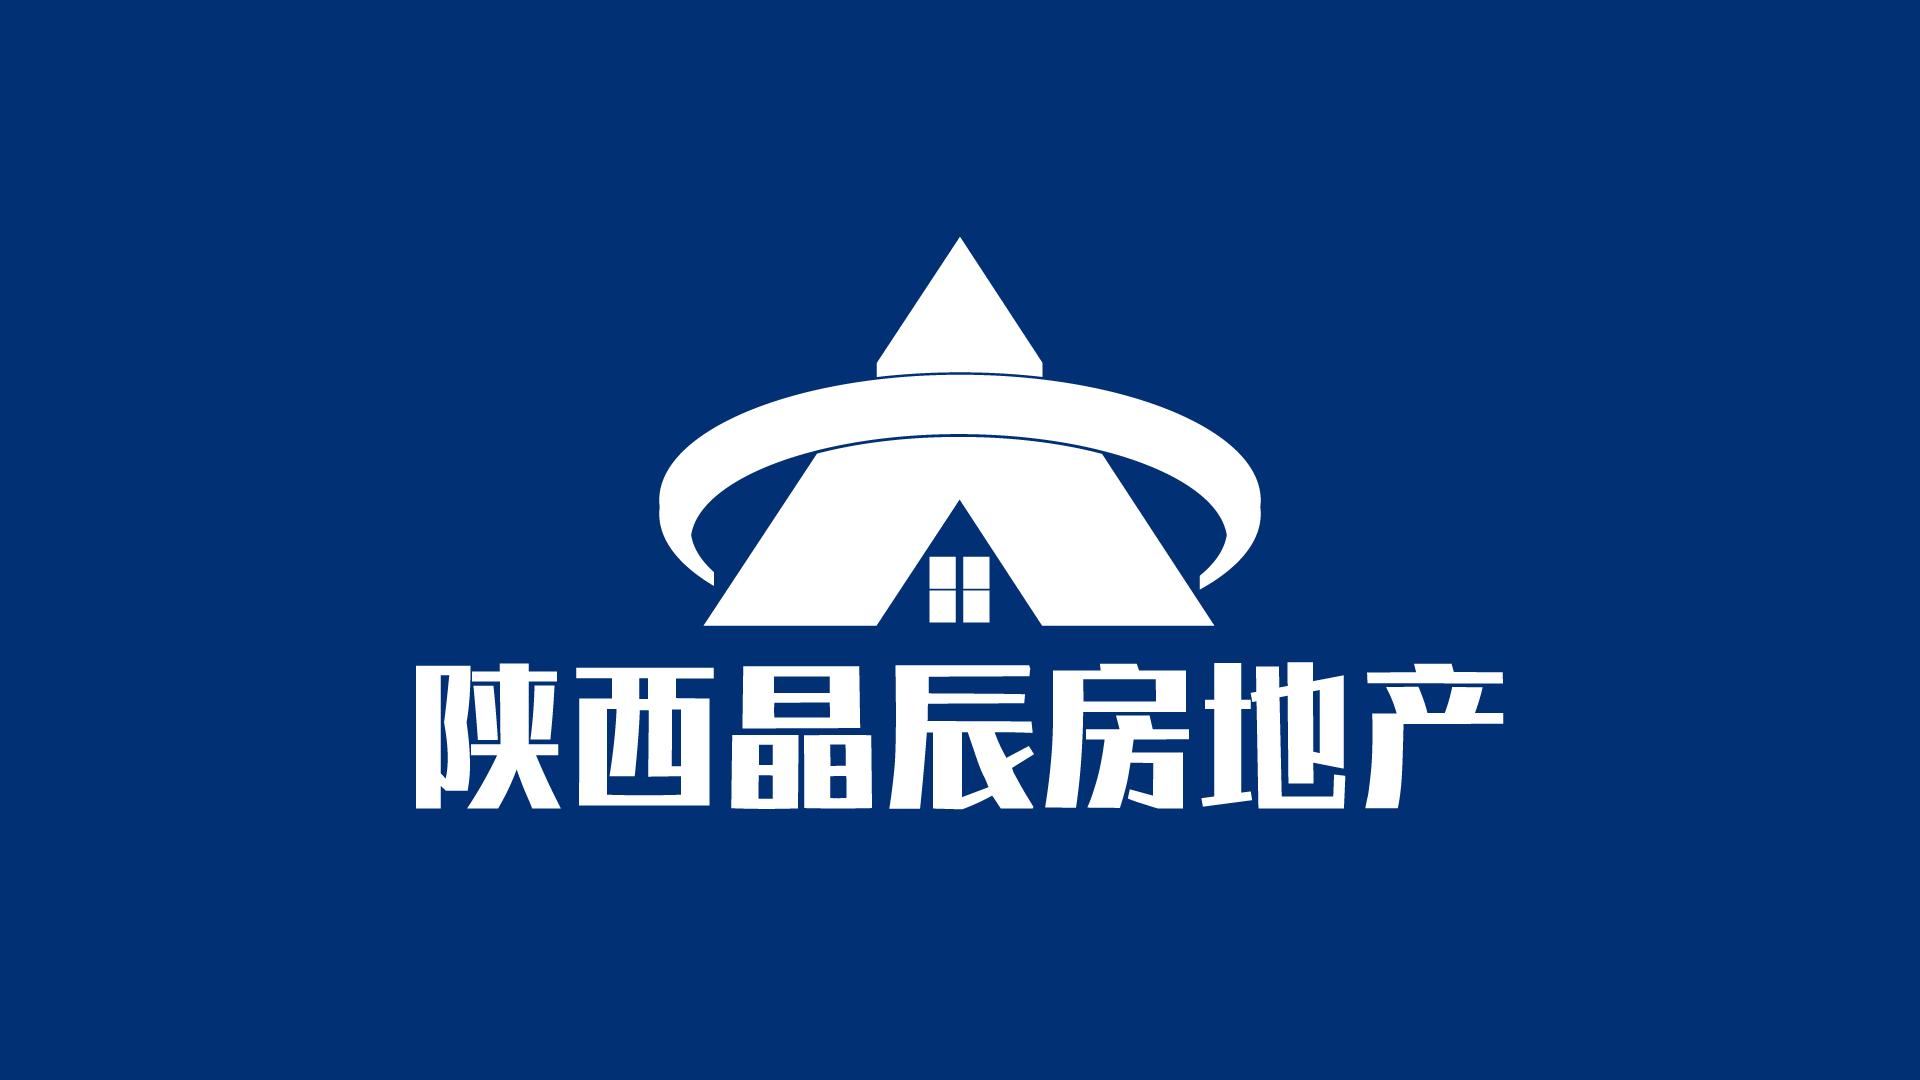 北京�一知�R�a�啻�理服�沼邢薰�司.logo